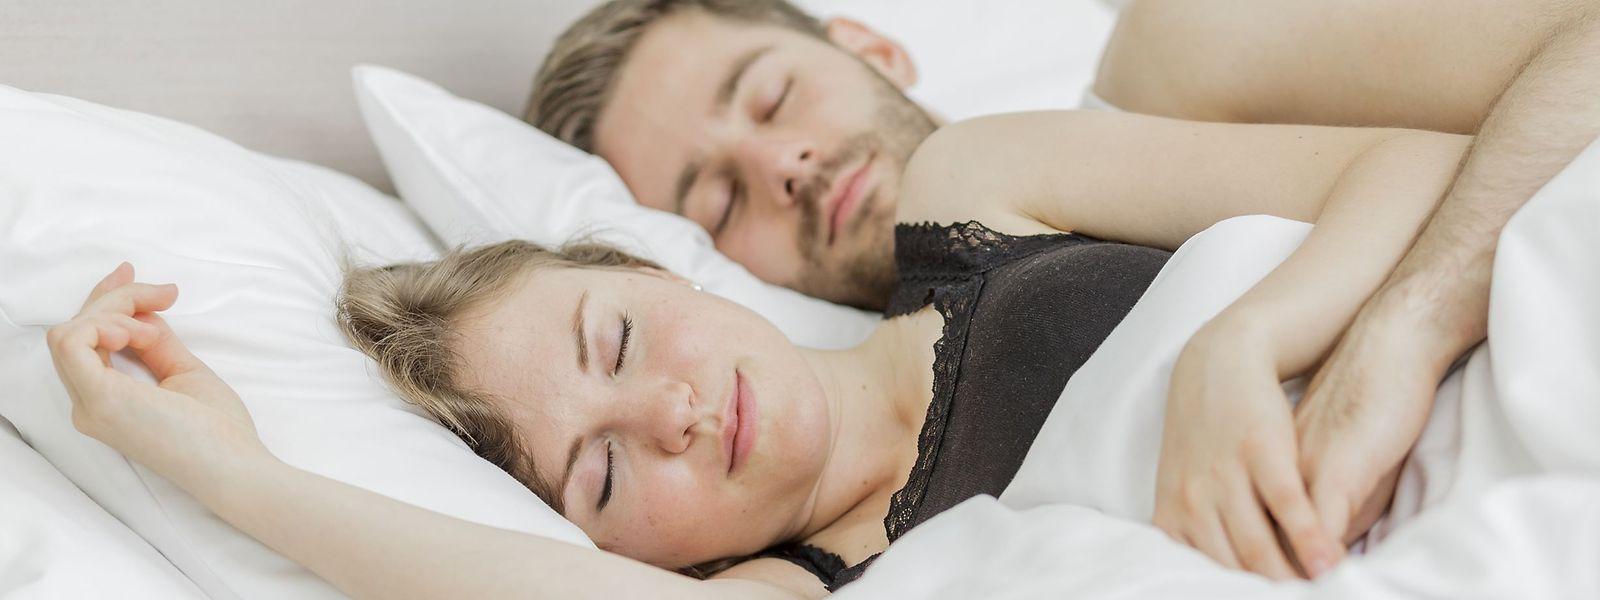 Ordnung, Ruhe und Raumklima: Schon kleine Maßnahmen helfen dabei, besser zu schlafen.